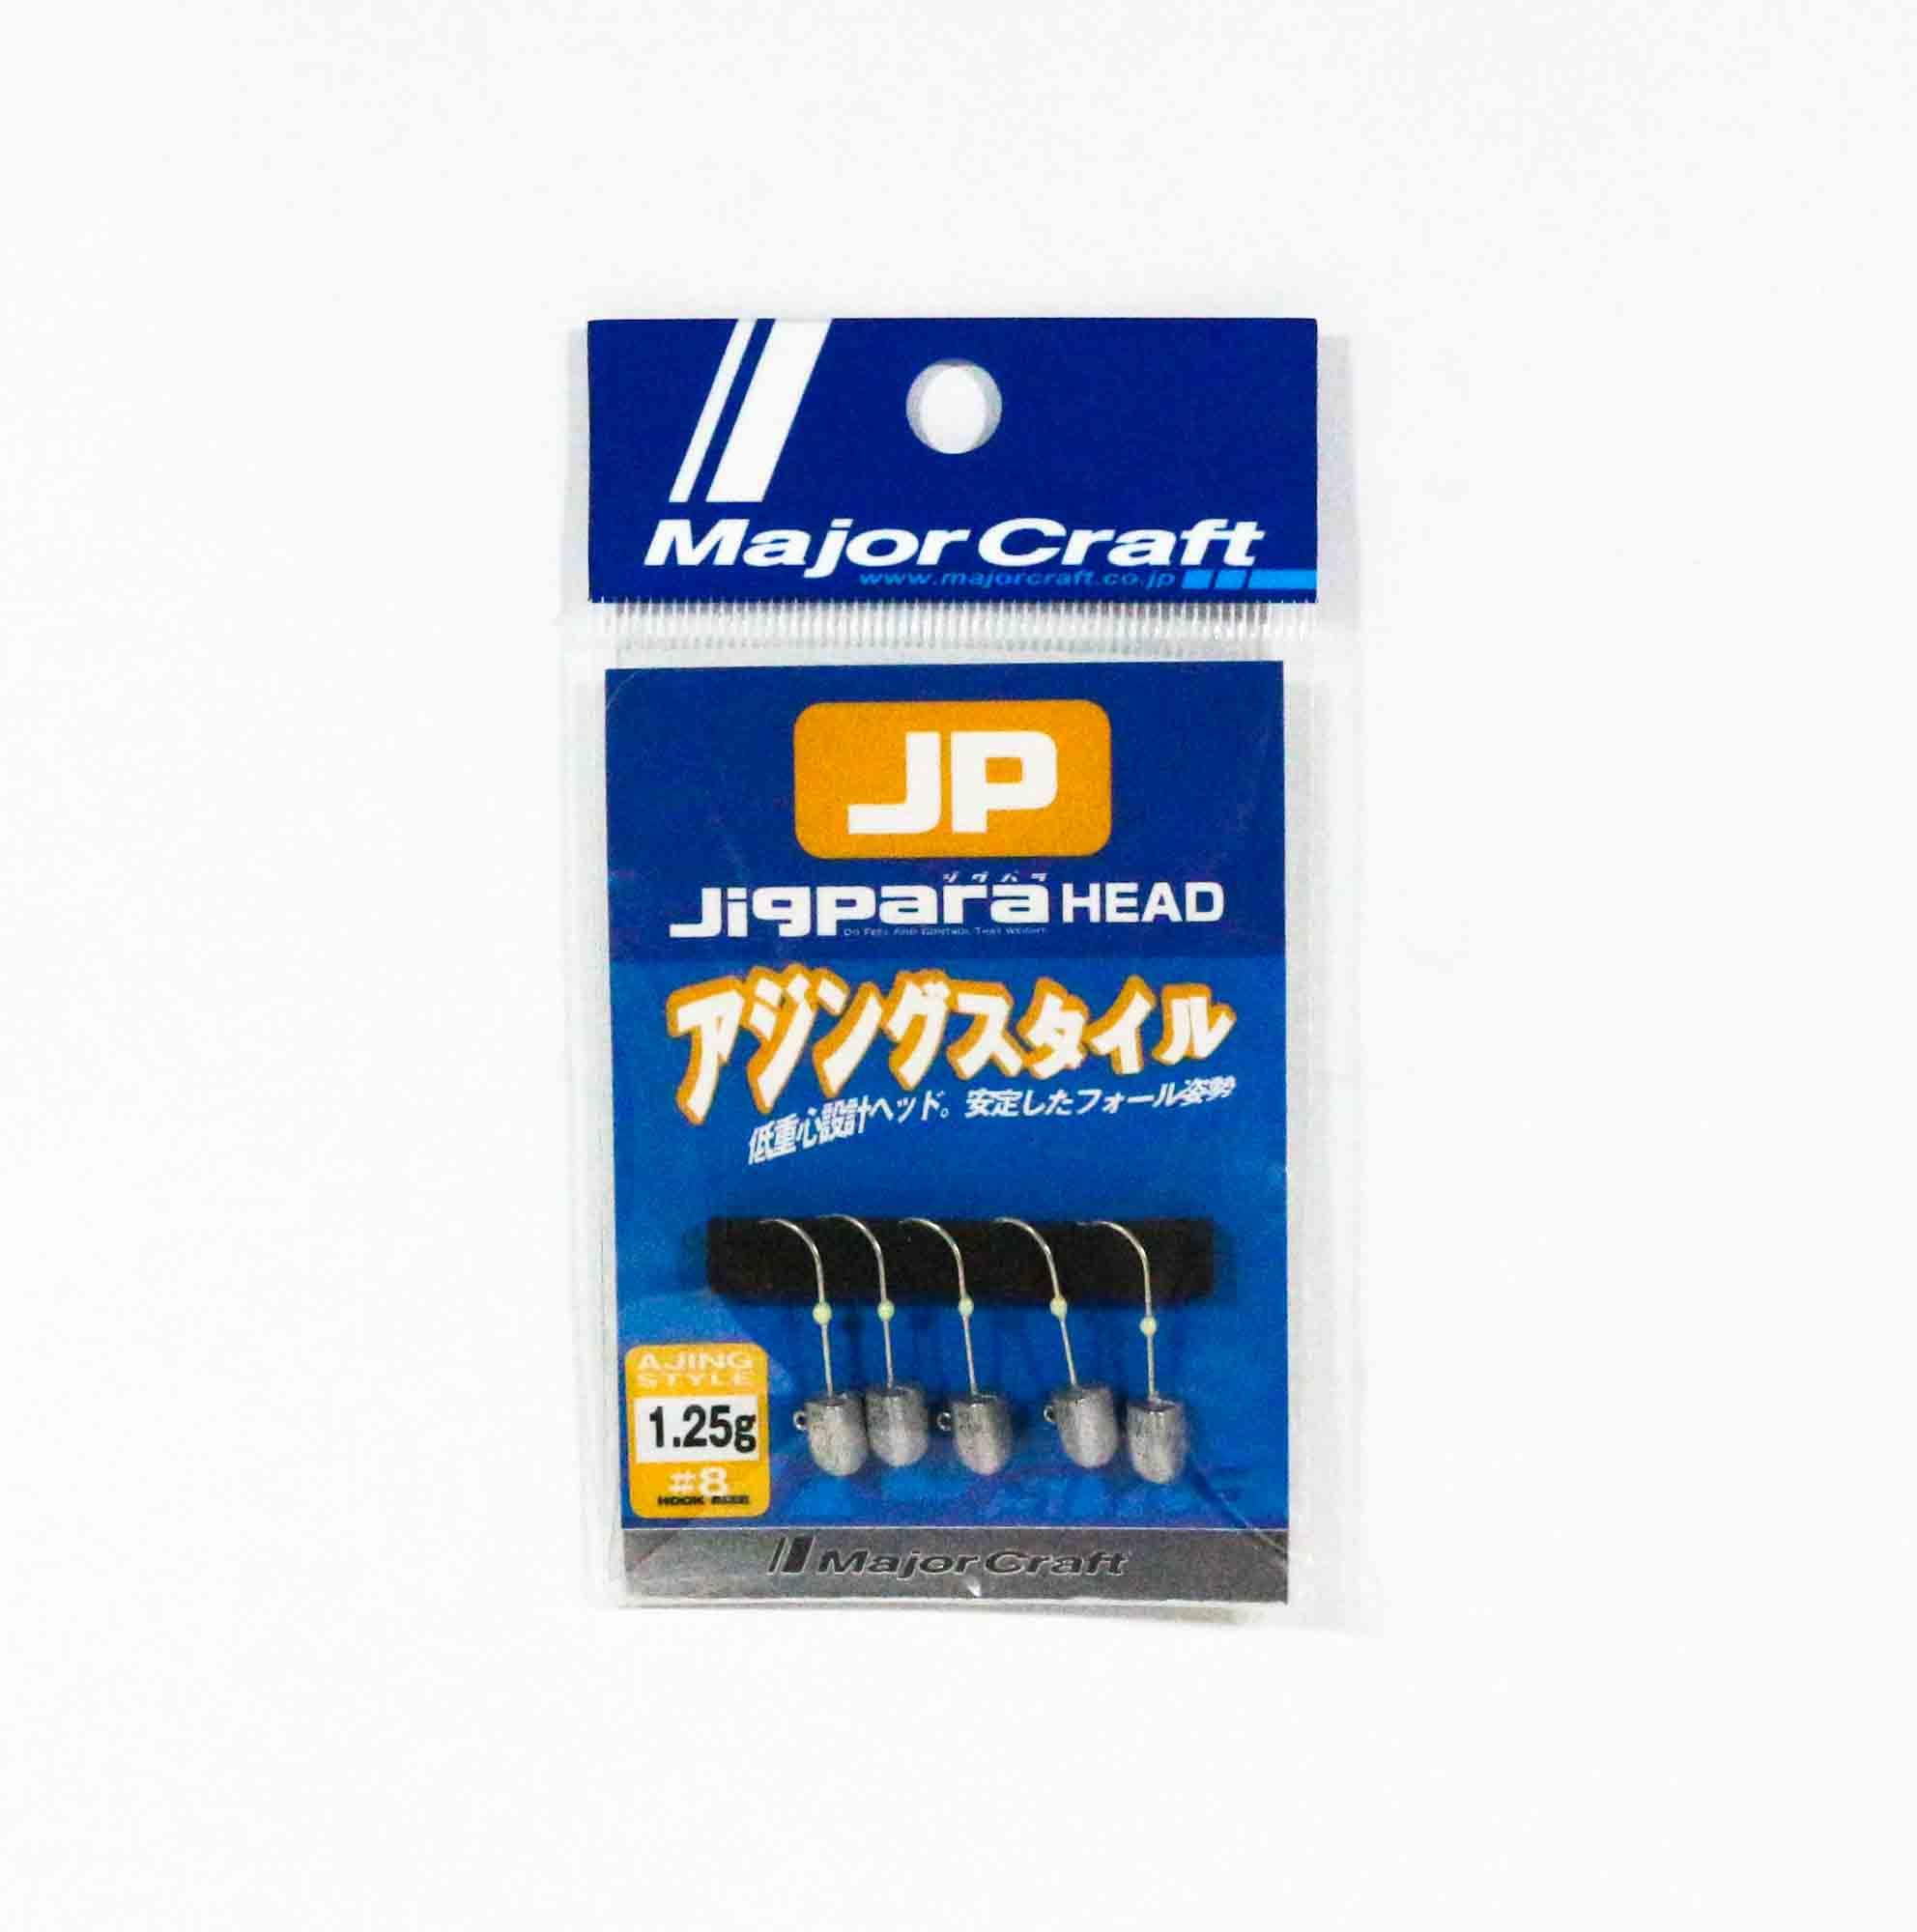 Major Craft Jig Head Aji JPHD-1.25 grams (2746)